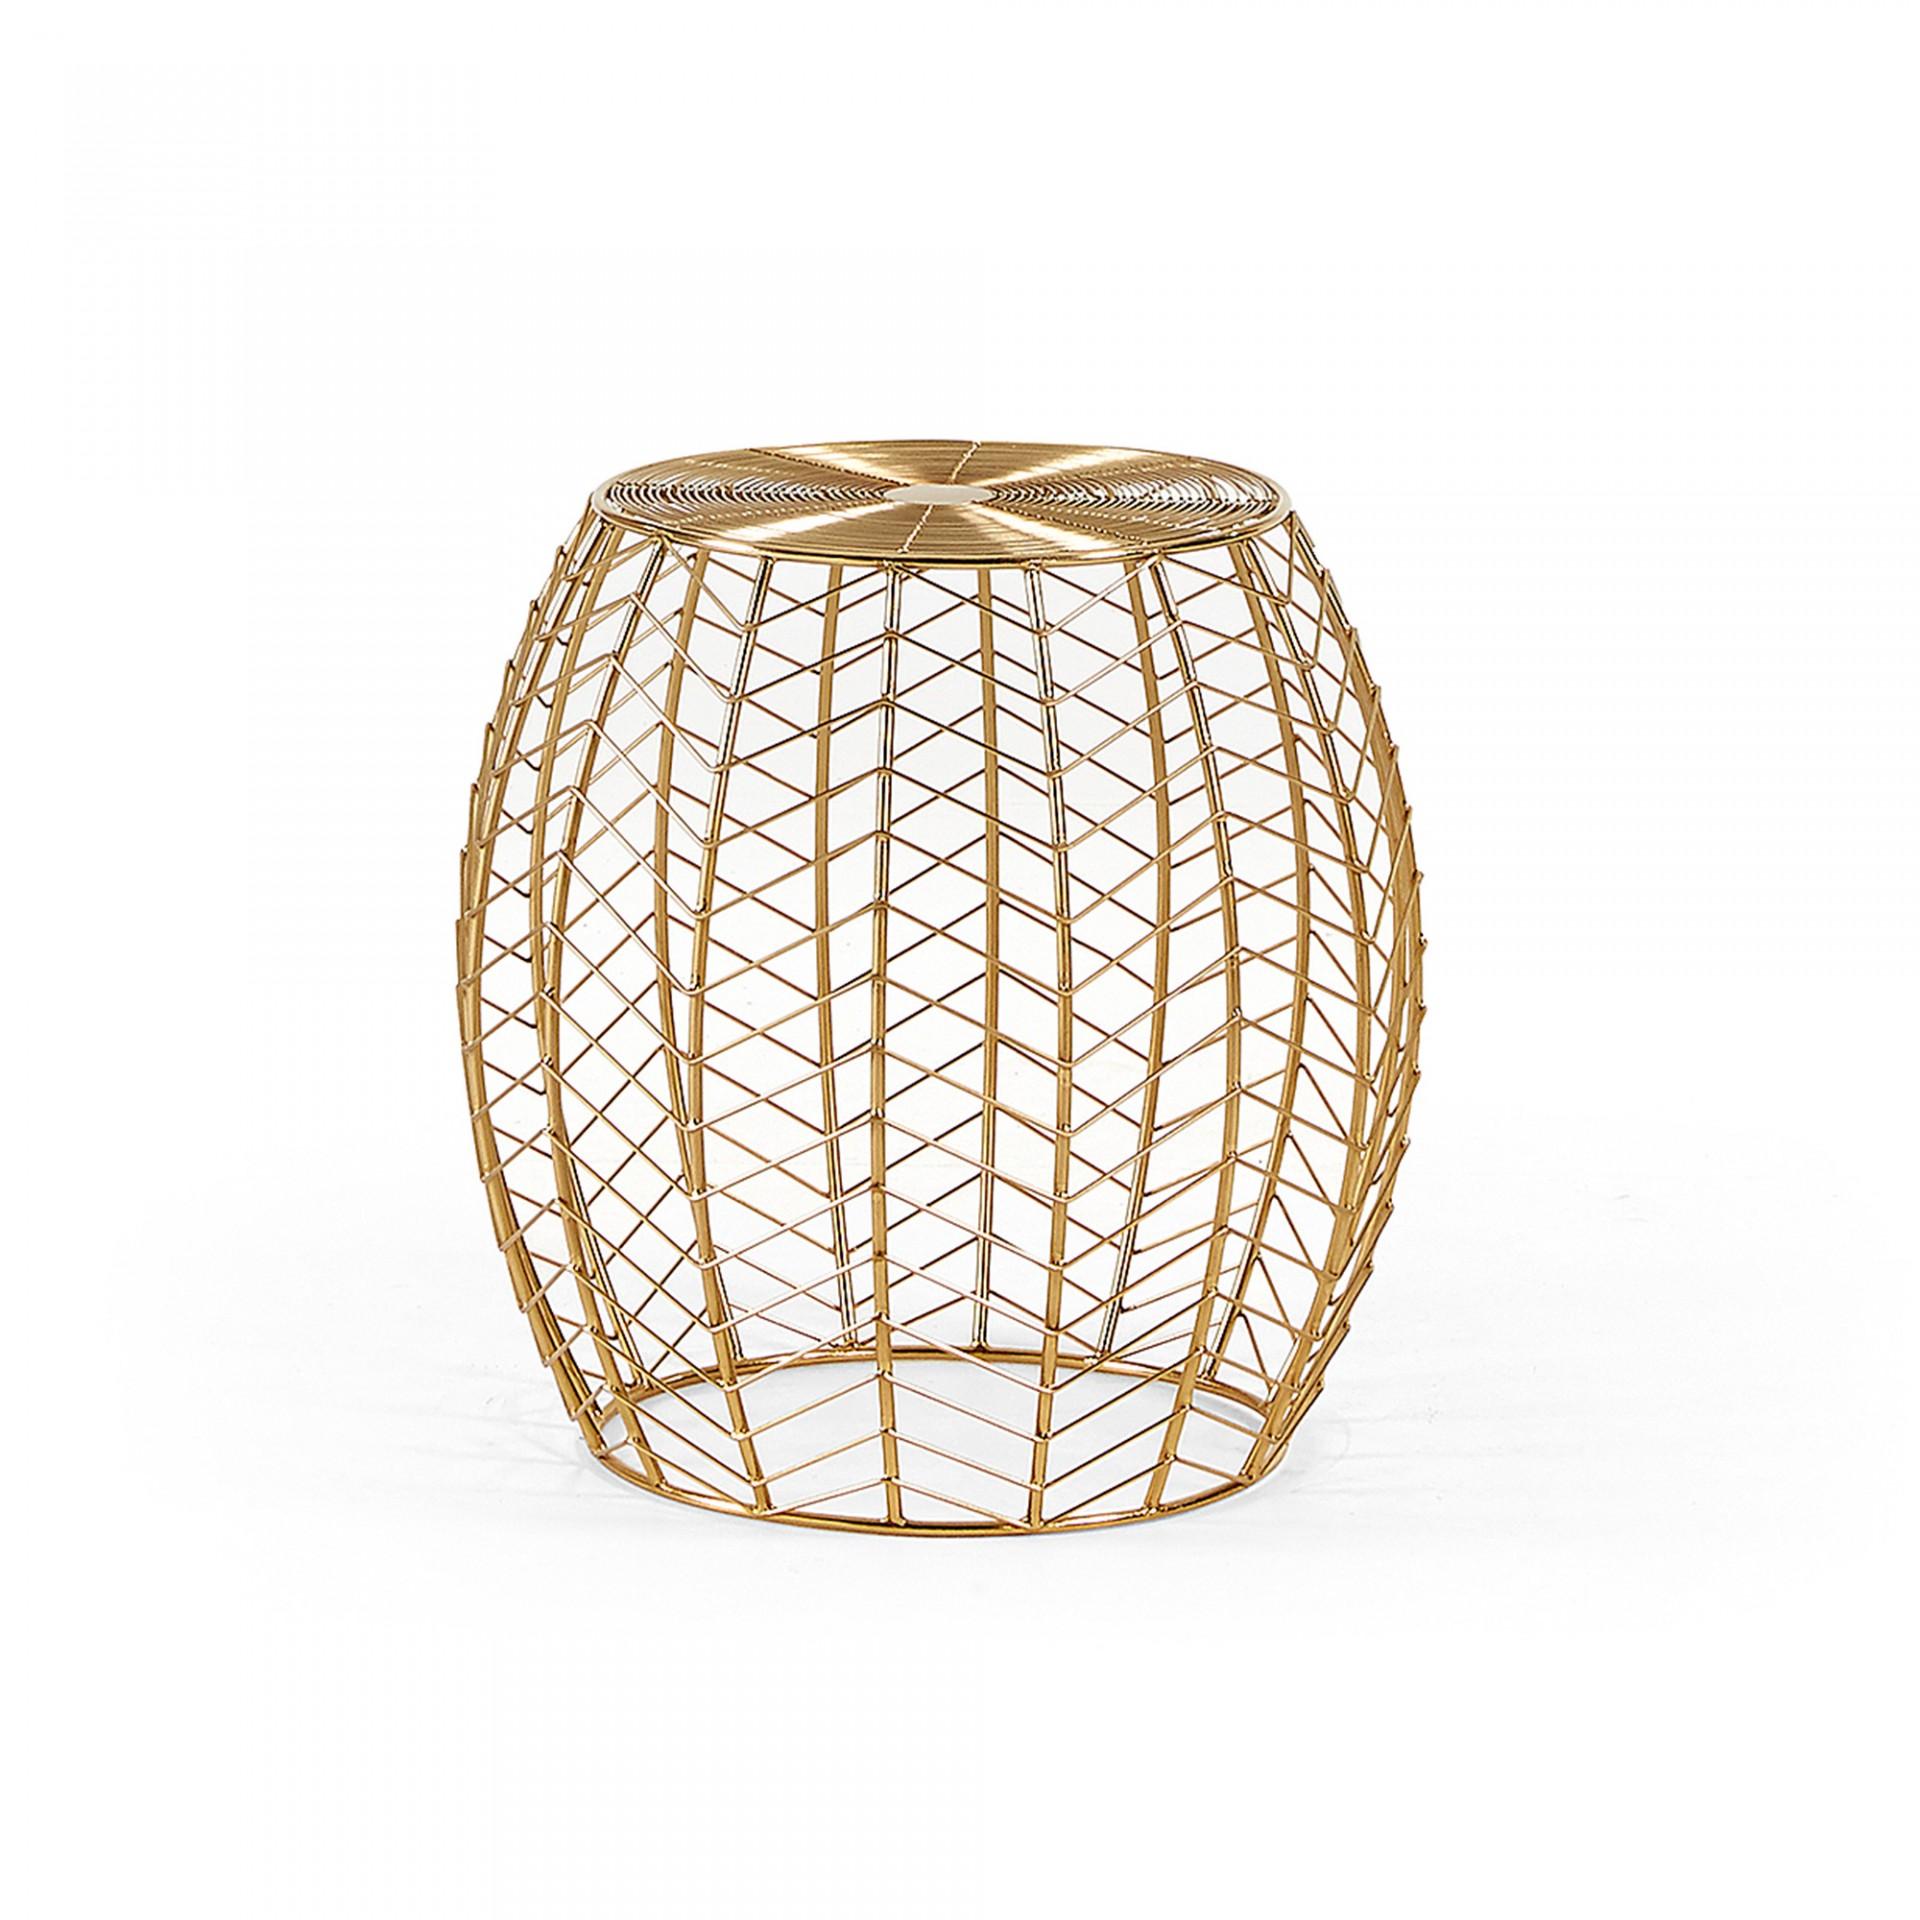 Mesa de apoio em metal, dourado, Ø46x44 cm